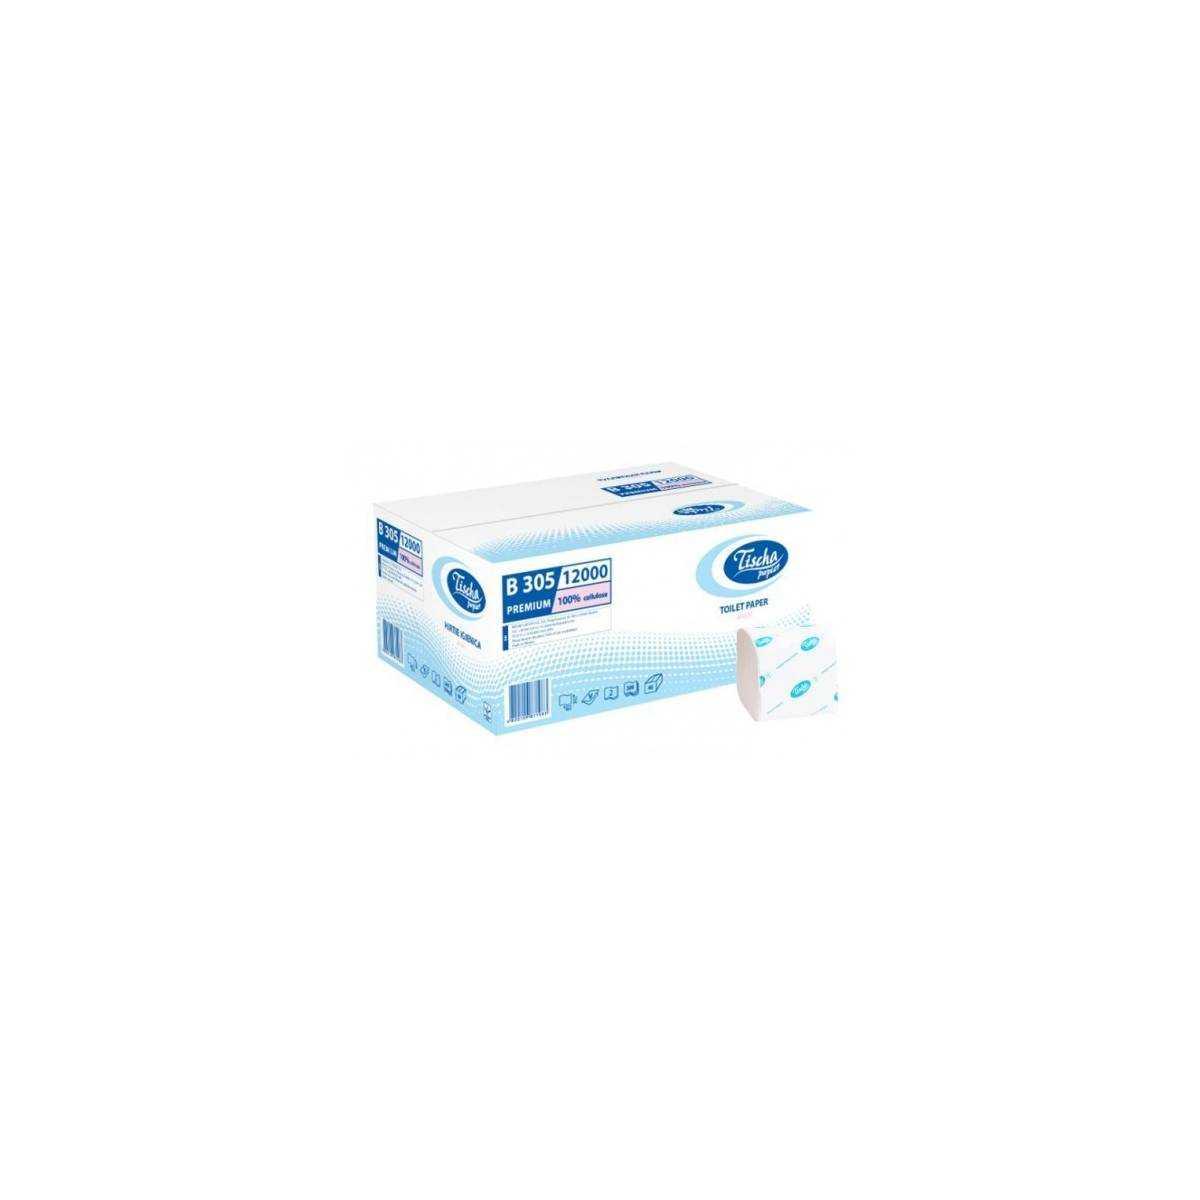 Туалетная бумага в пачке BASIC (B305) B305 Tischa Papier